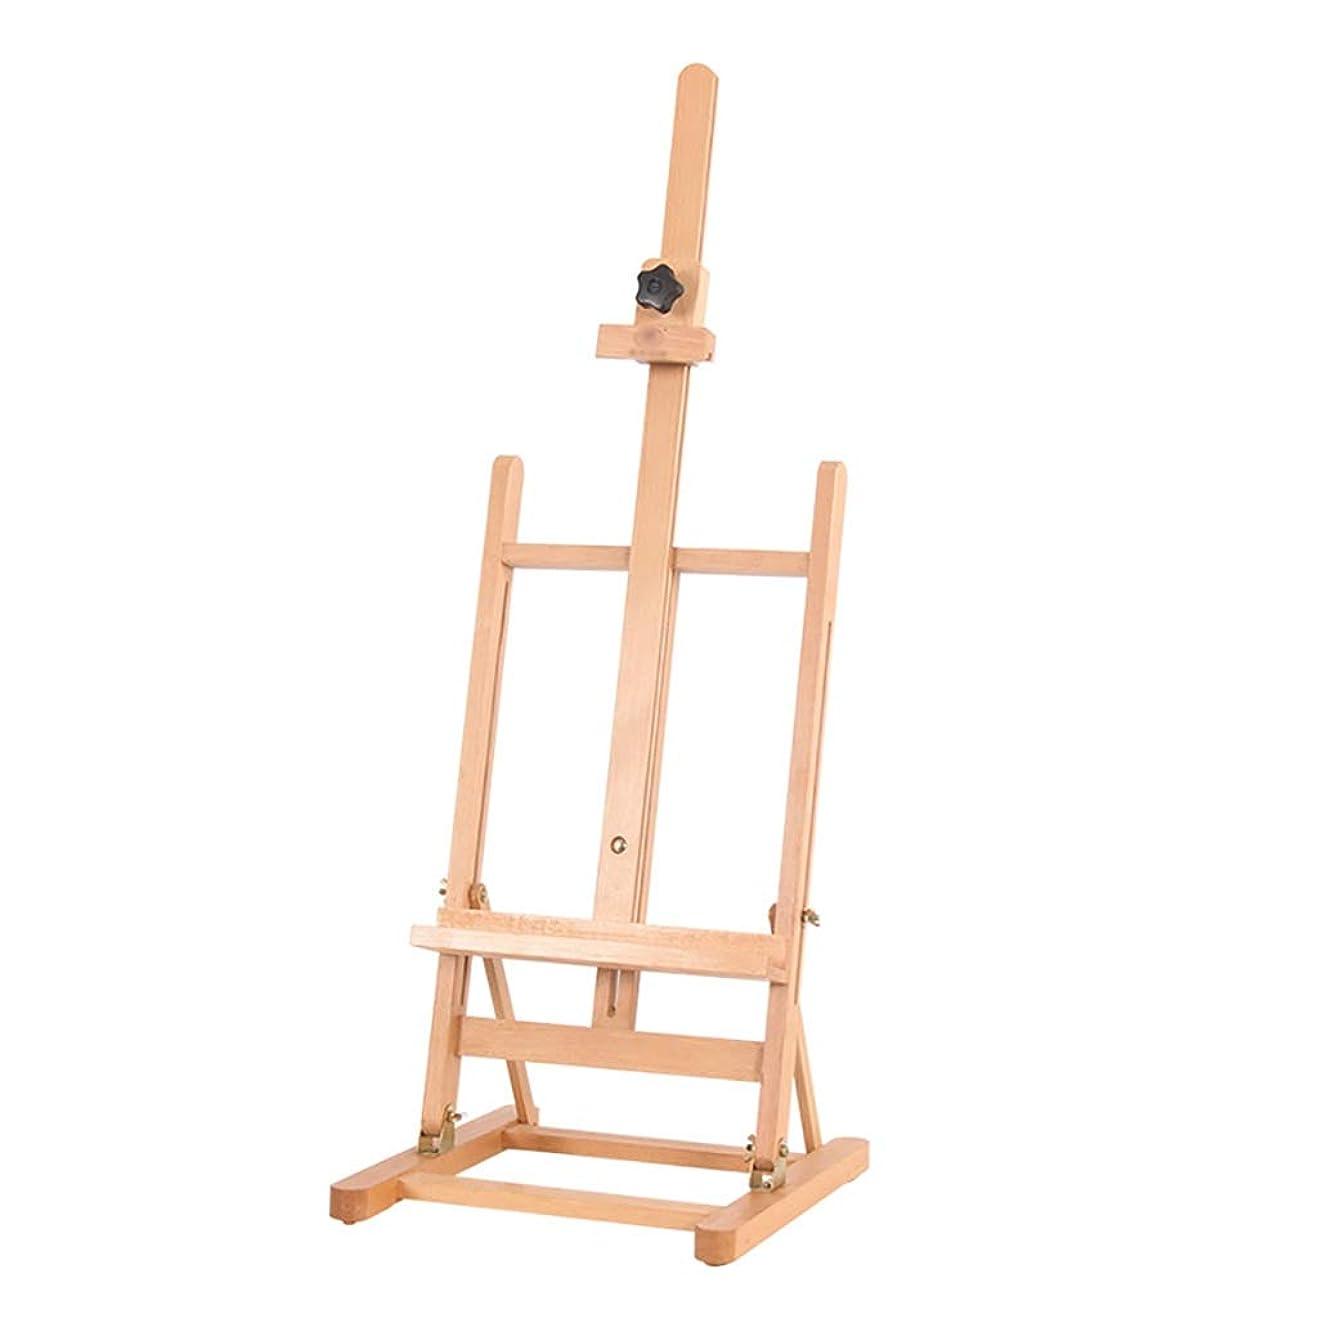 立場終わり健全頑丈で丈夫 無垢材折りたたみ子供のアートデスクトップイーゼルポータブルディスプレイスタンド高さ調節可能な37.5 * 34 *(82?117)cm